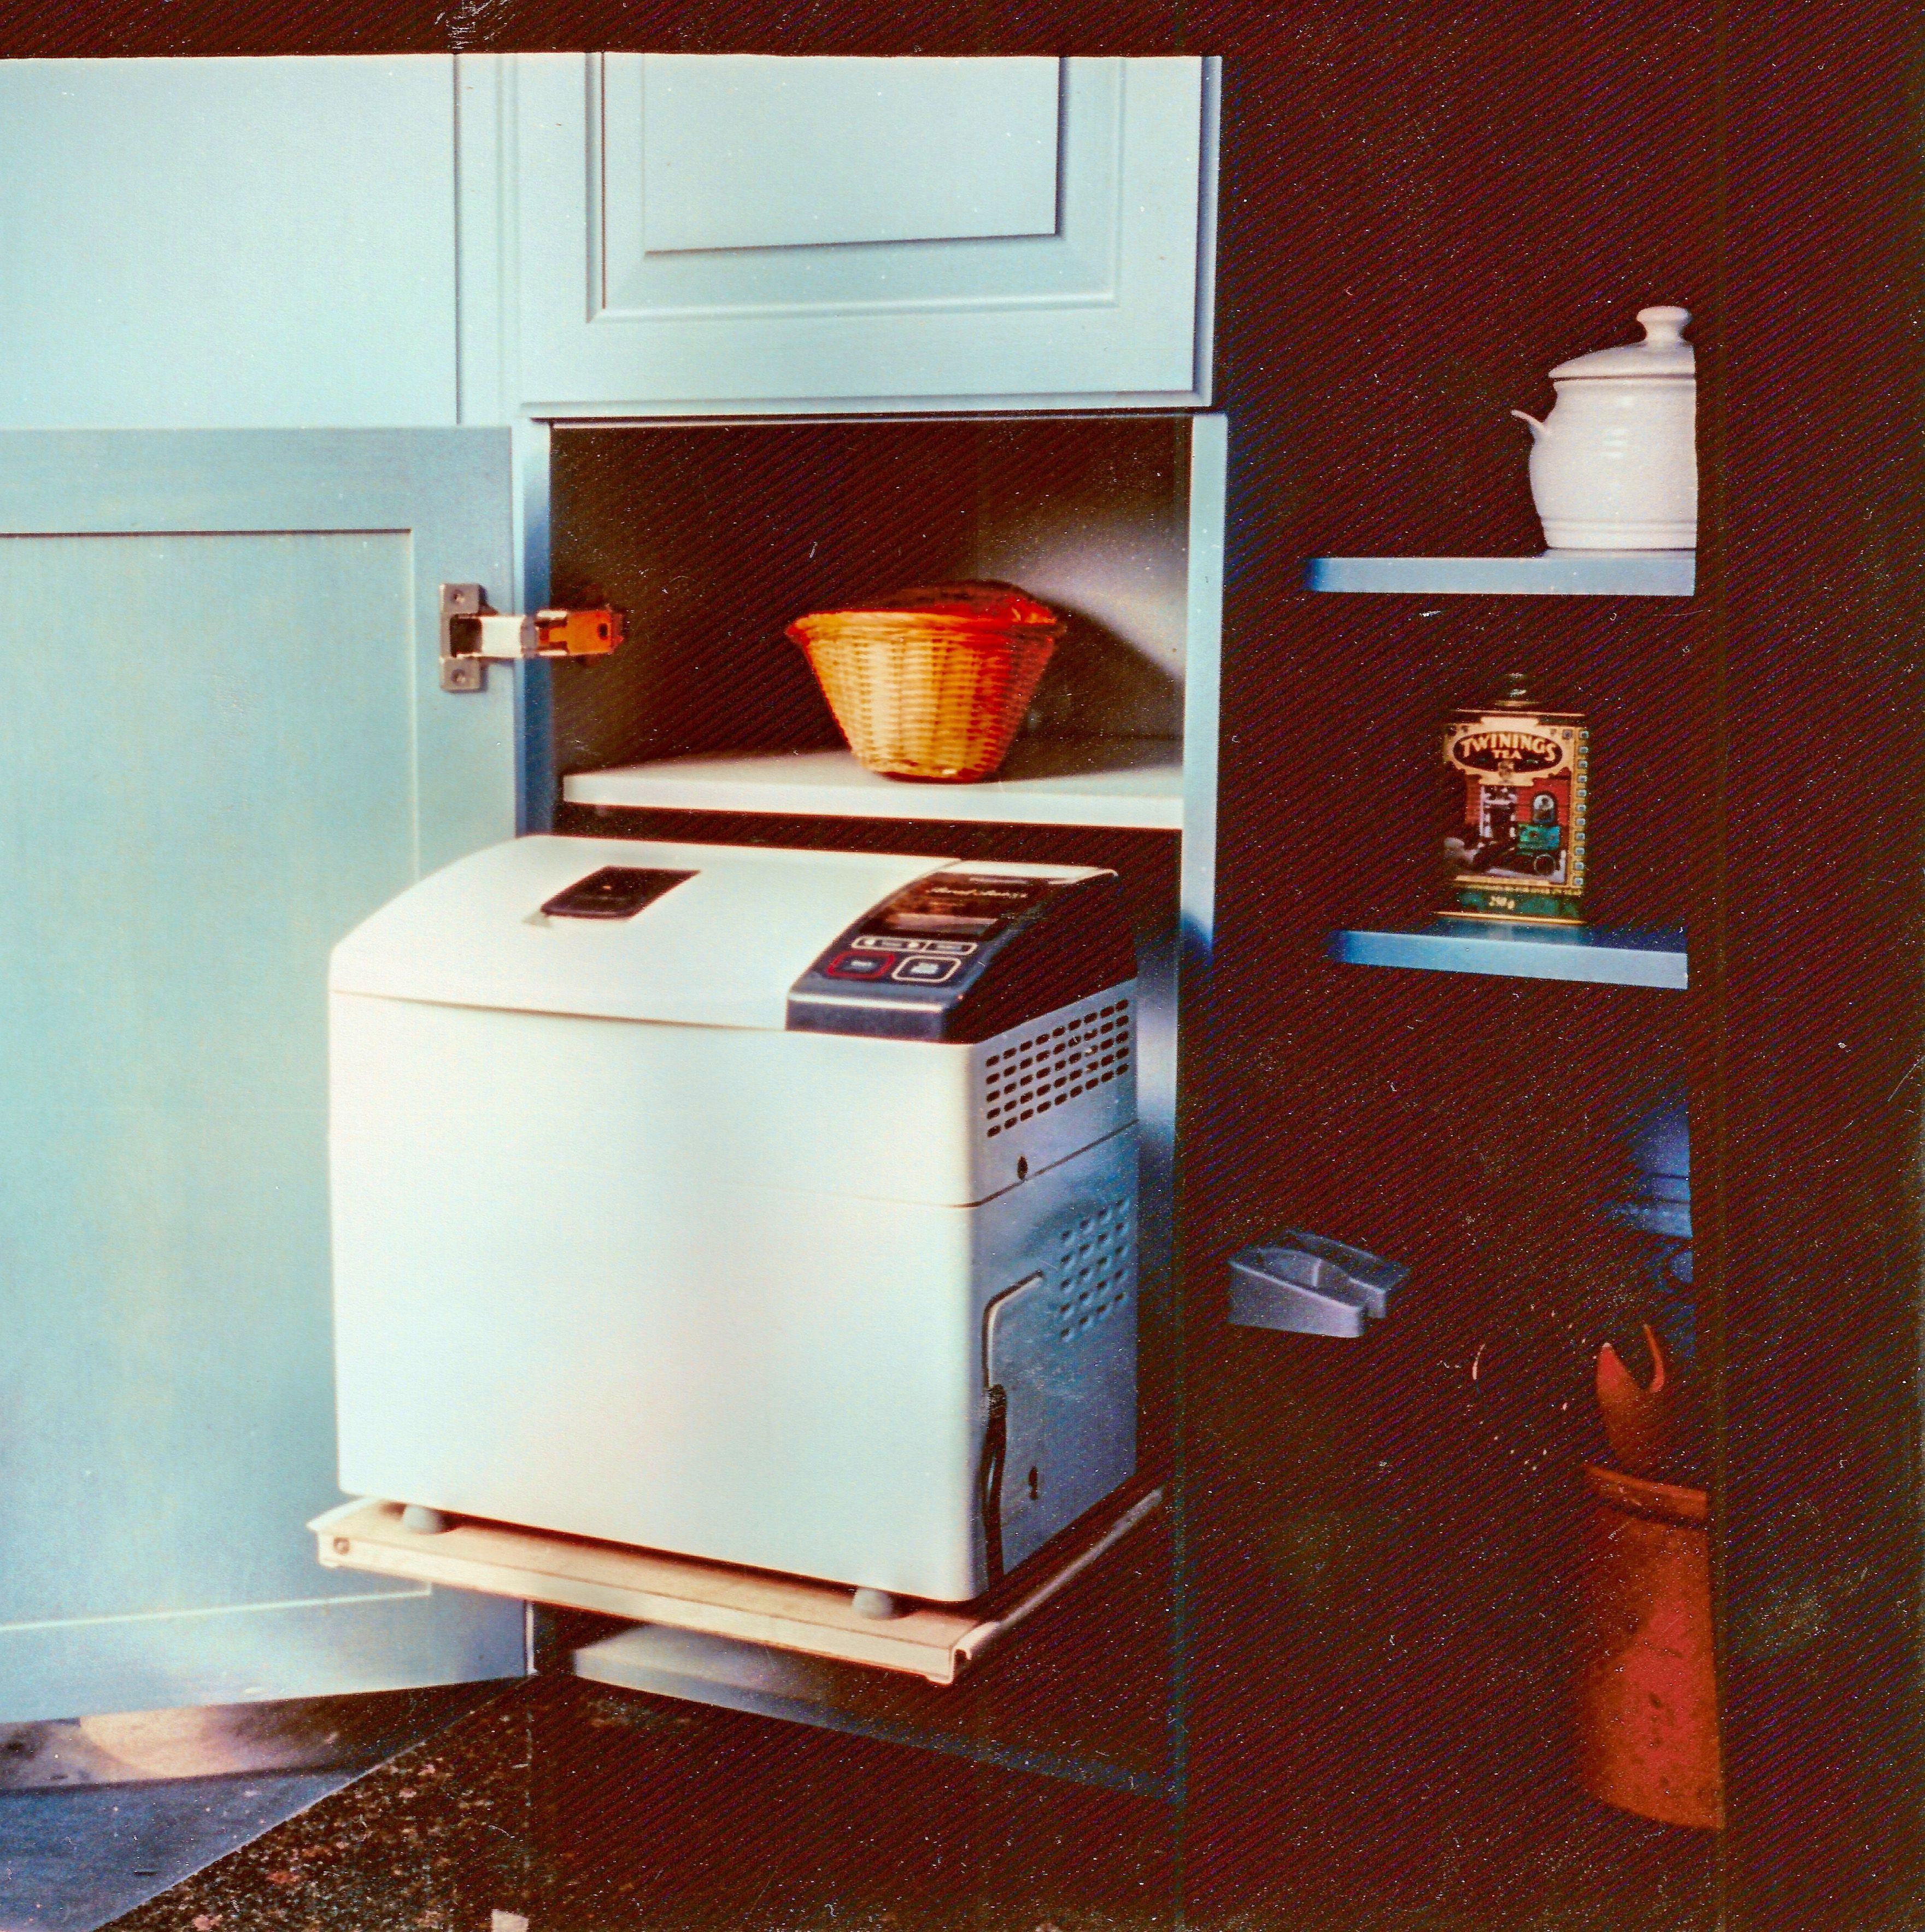 90-luvun keittiön hittituote: leipäkone. Tässä keittiössä leipäkone liikkui ulosvedettävän hyllyn päällä aina takaisin kaappiin, kun sitä ei käytetty.